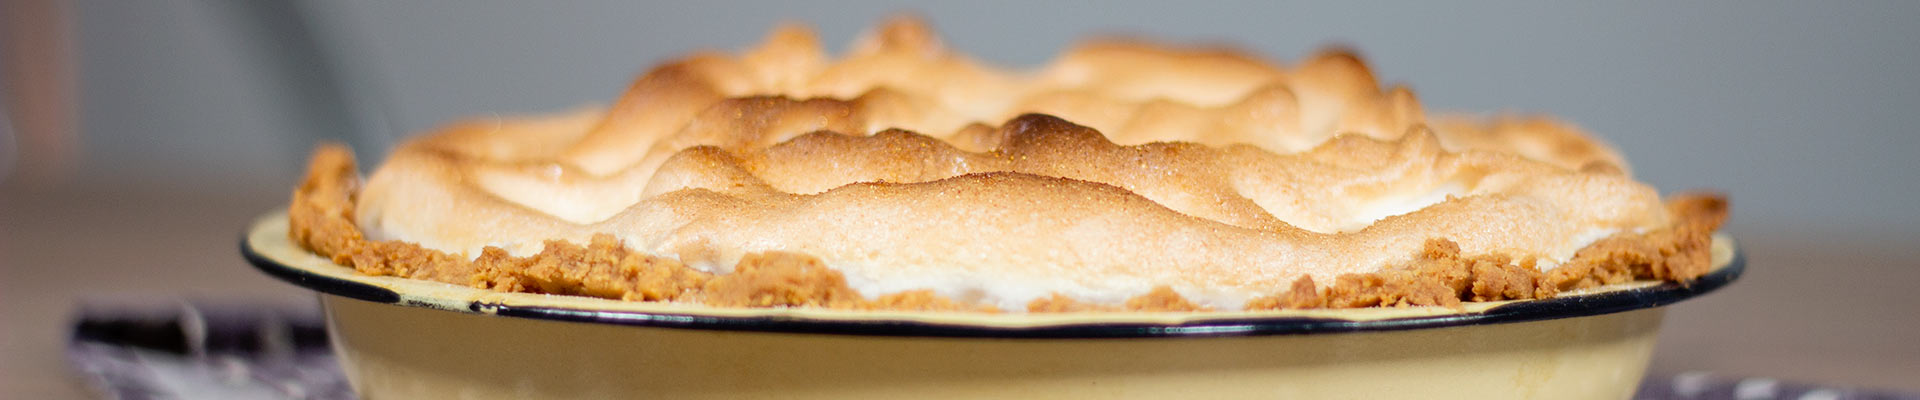 lemon-meringue-recipe